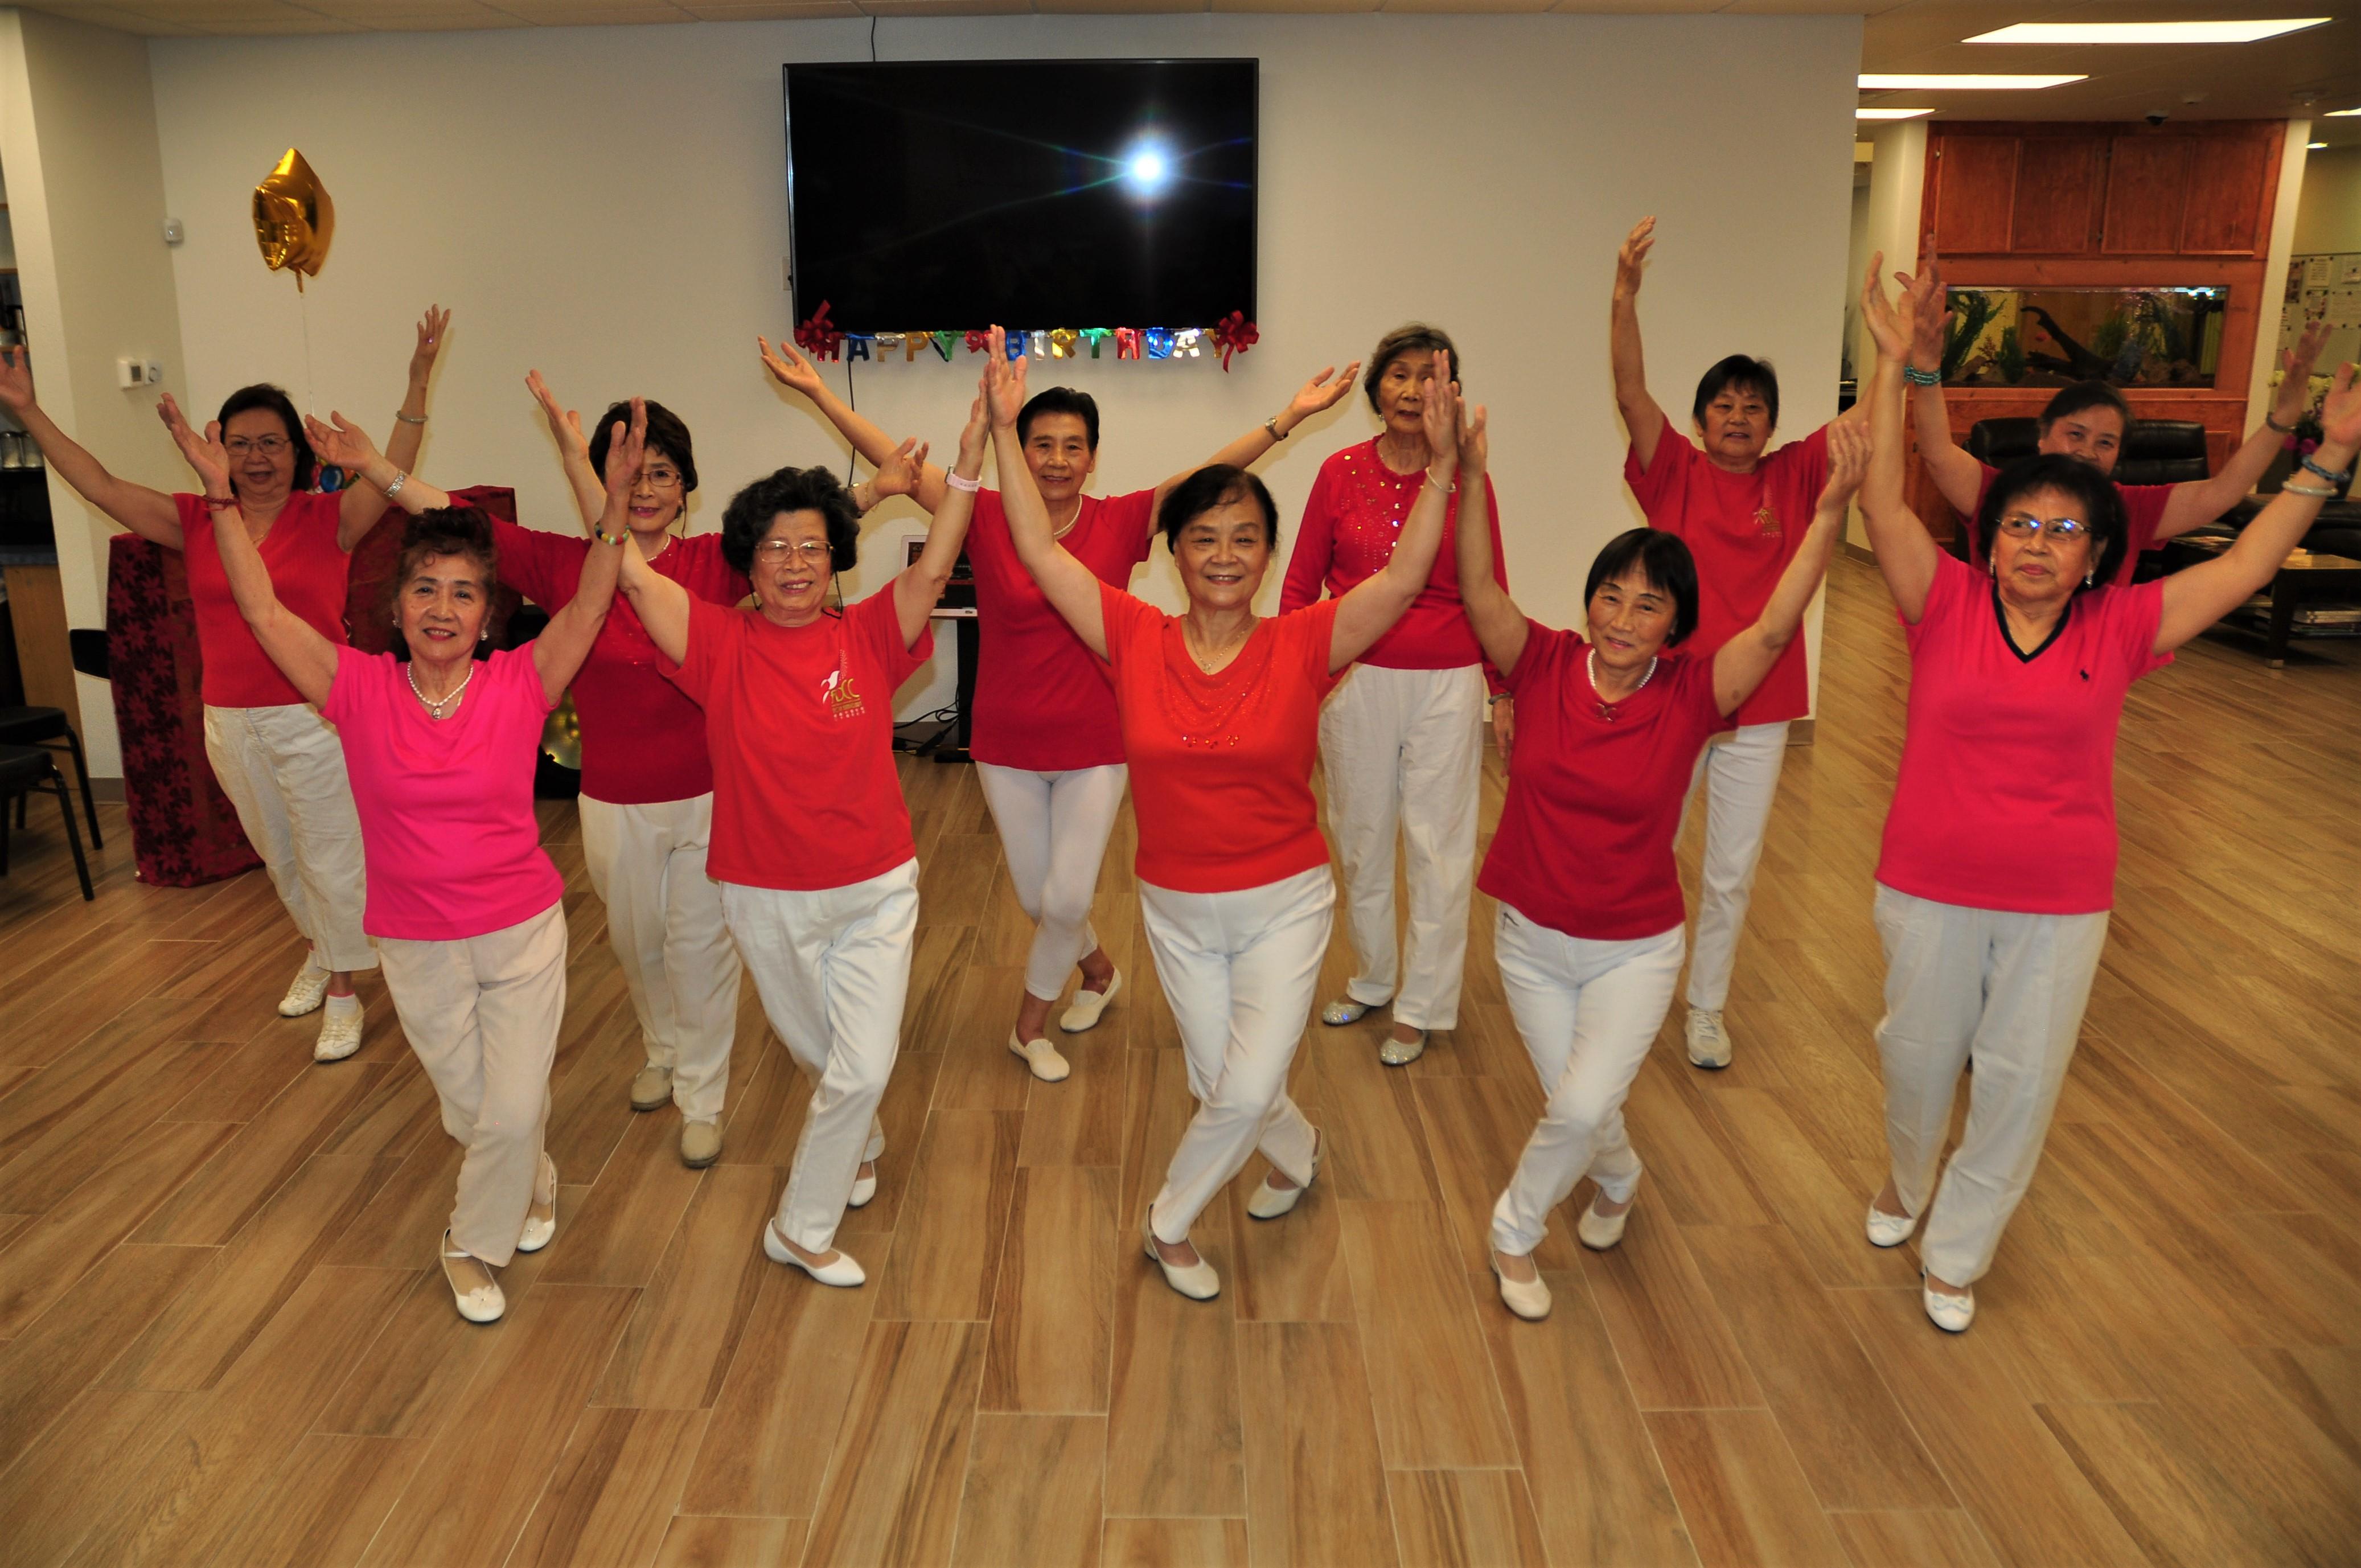 長樂活動中心的舞蹈教室,提供長者活動筋骨的機會。